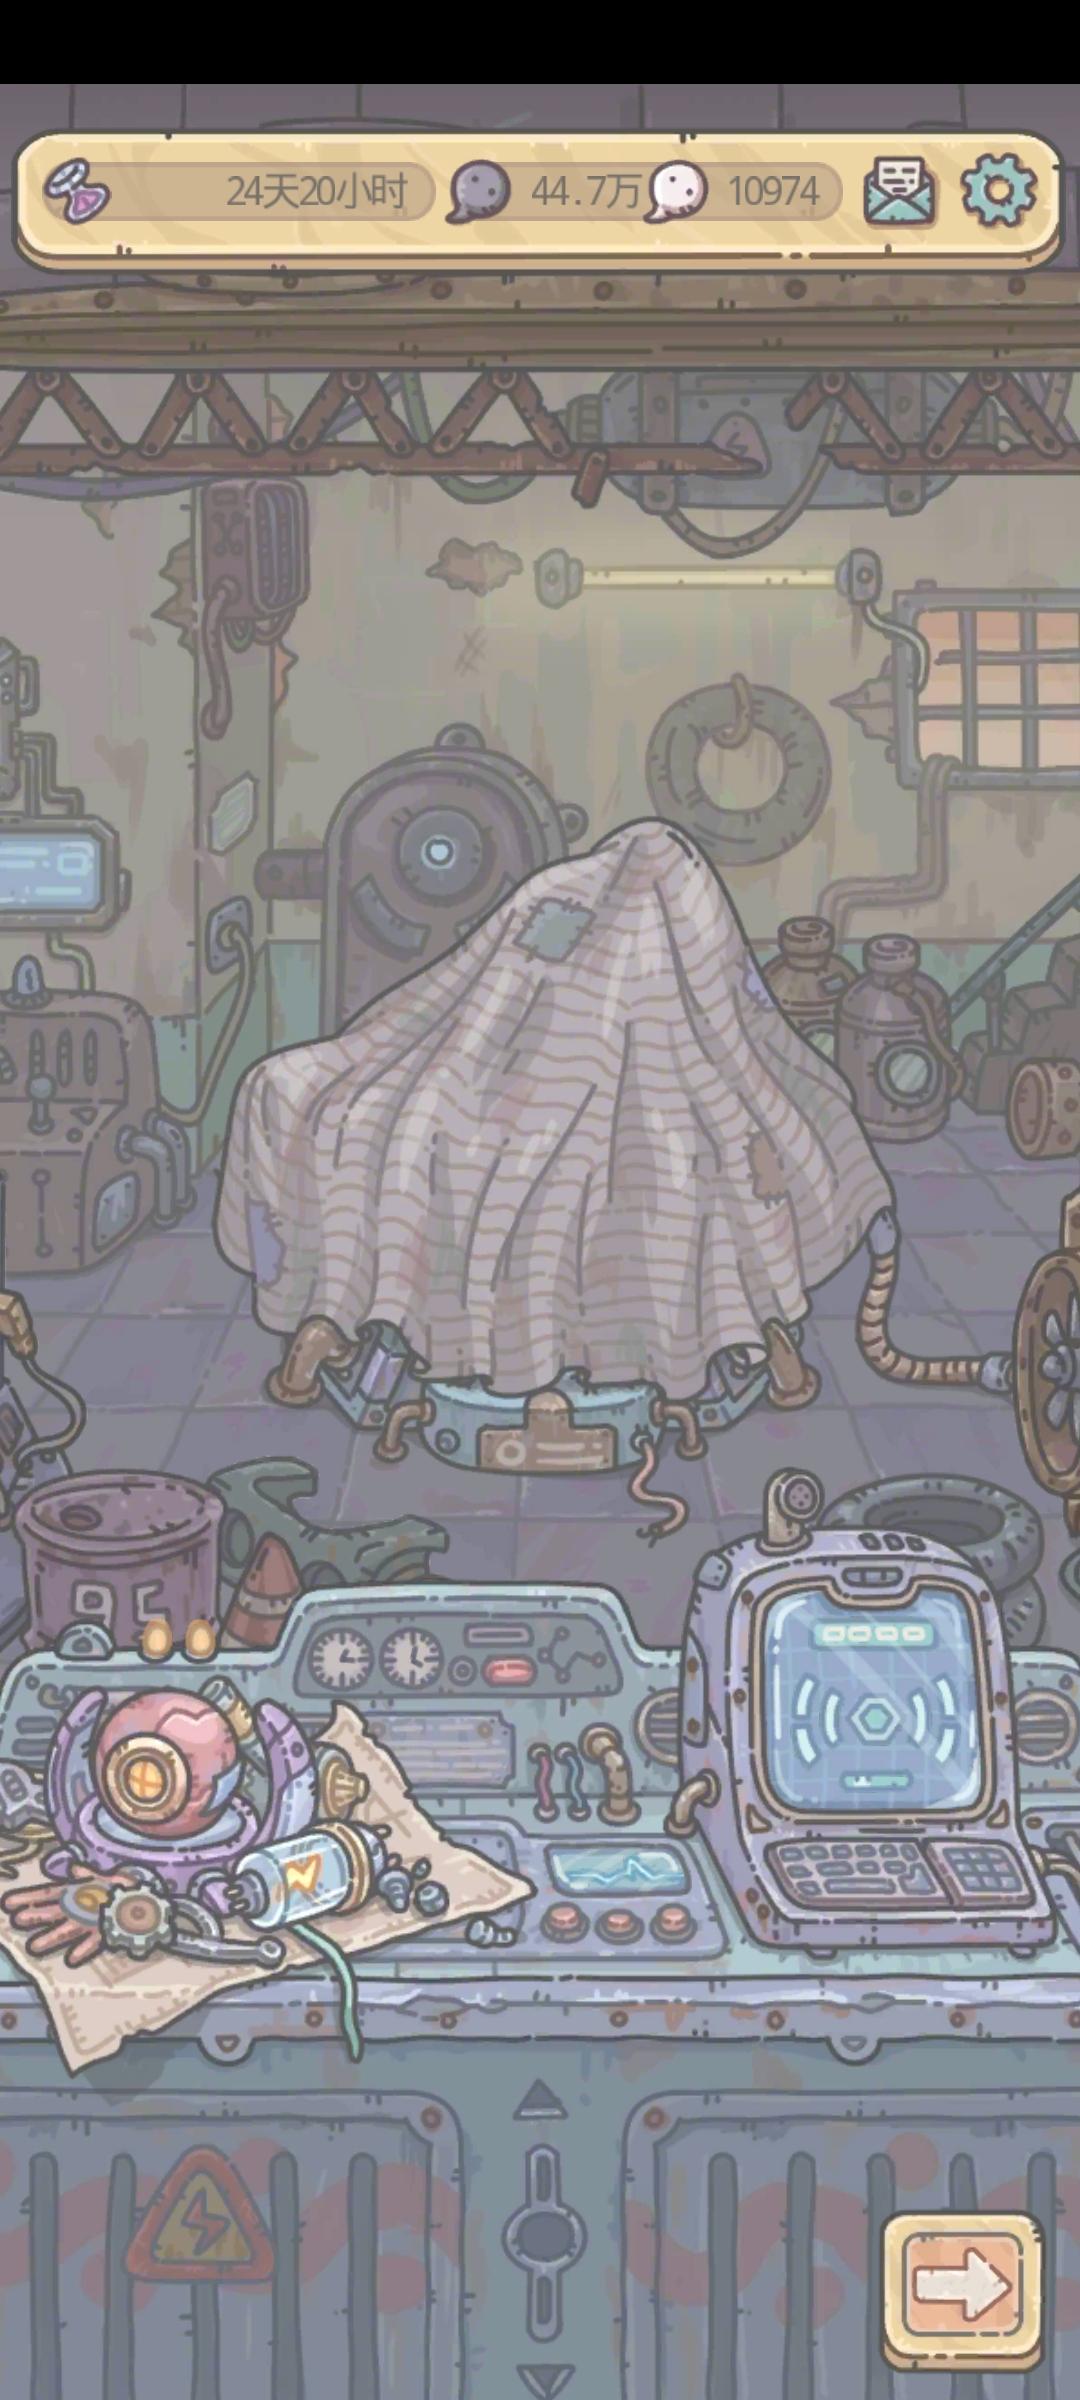 最强蜗牛车库布怎么打开 车库虫洞使用方法详解